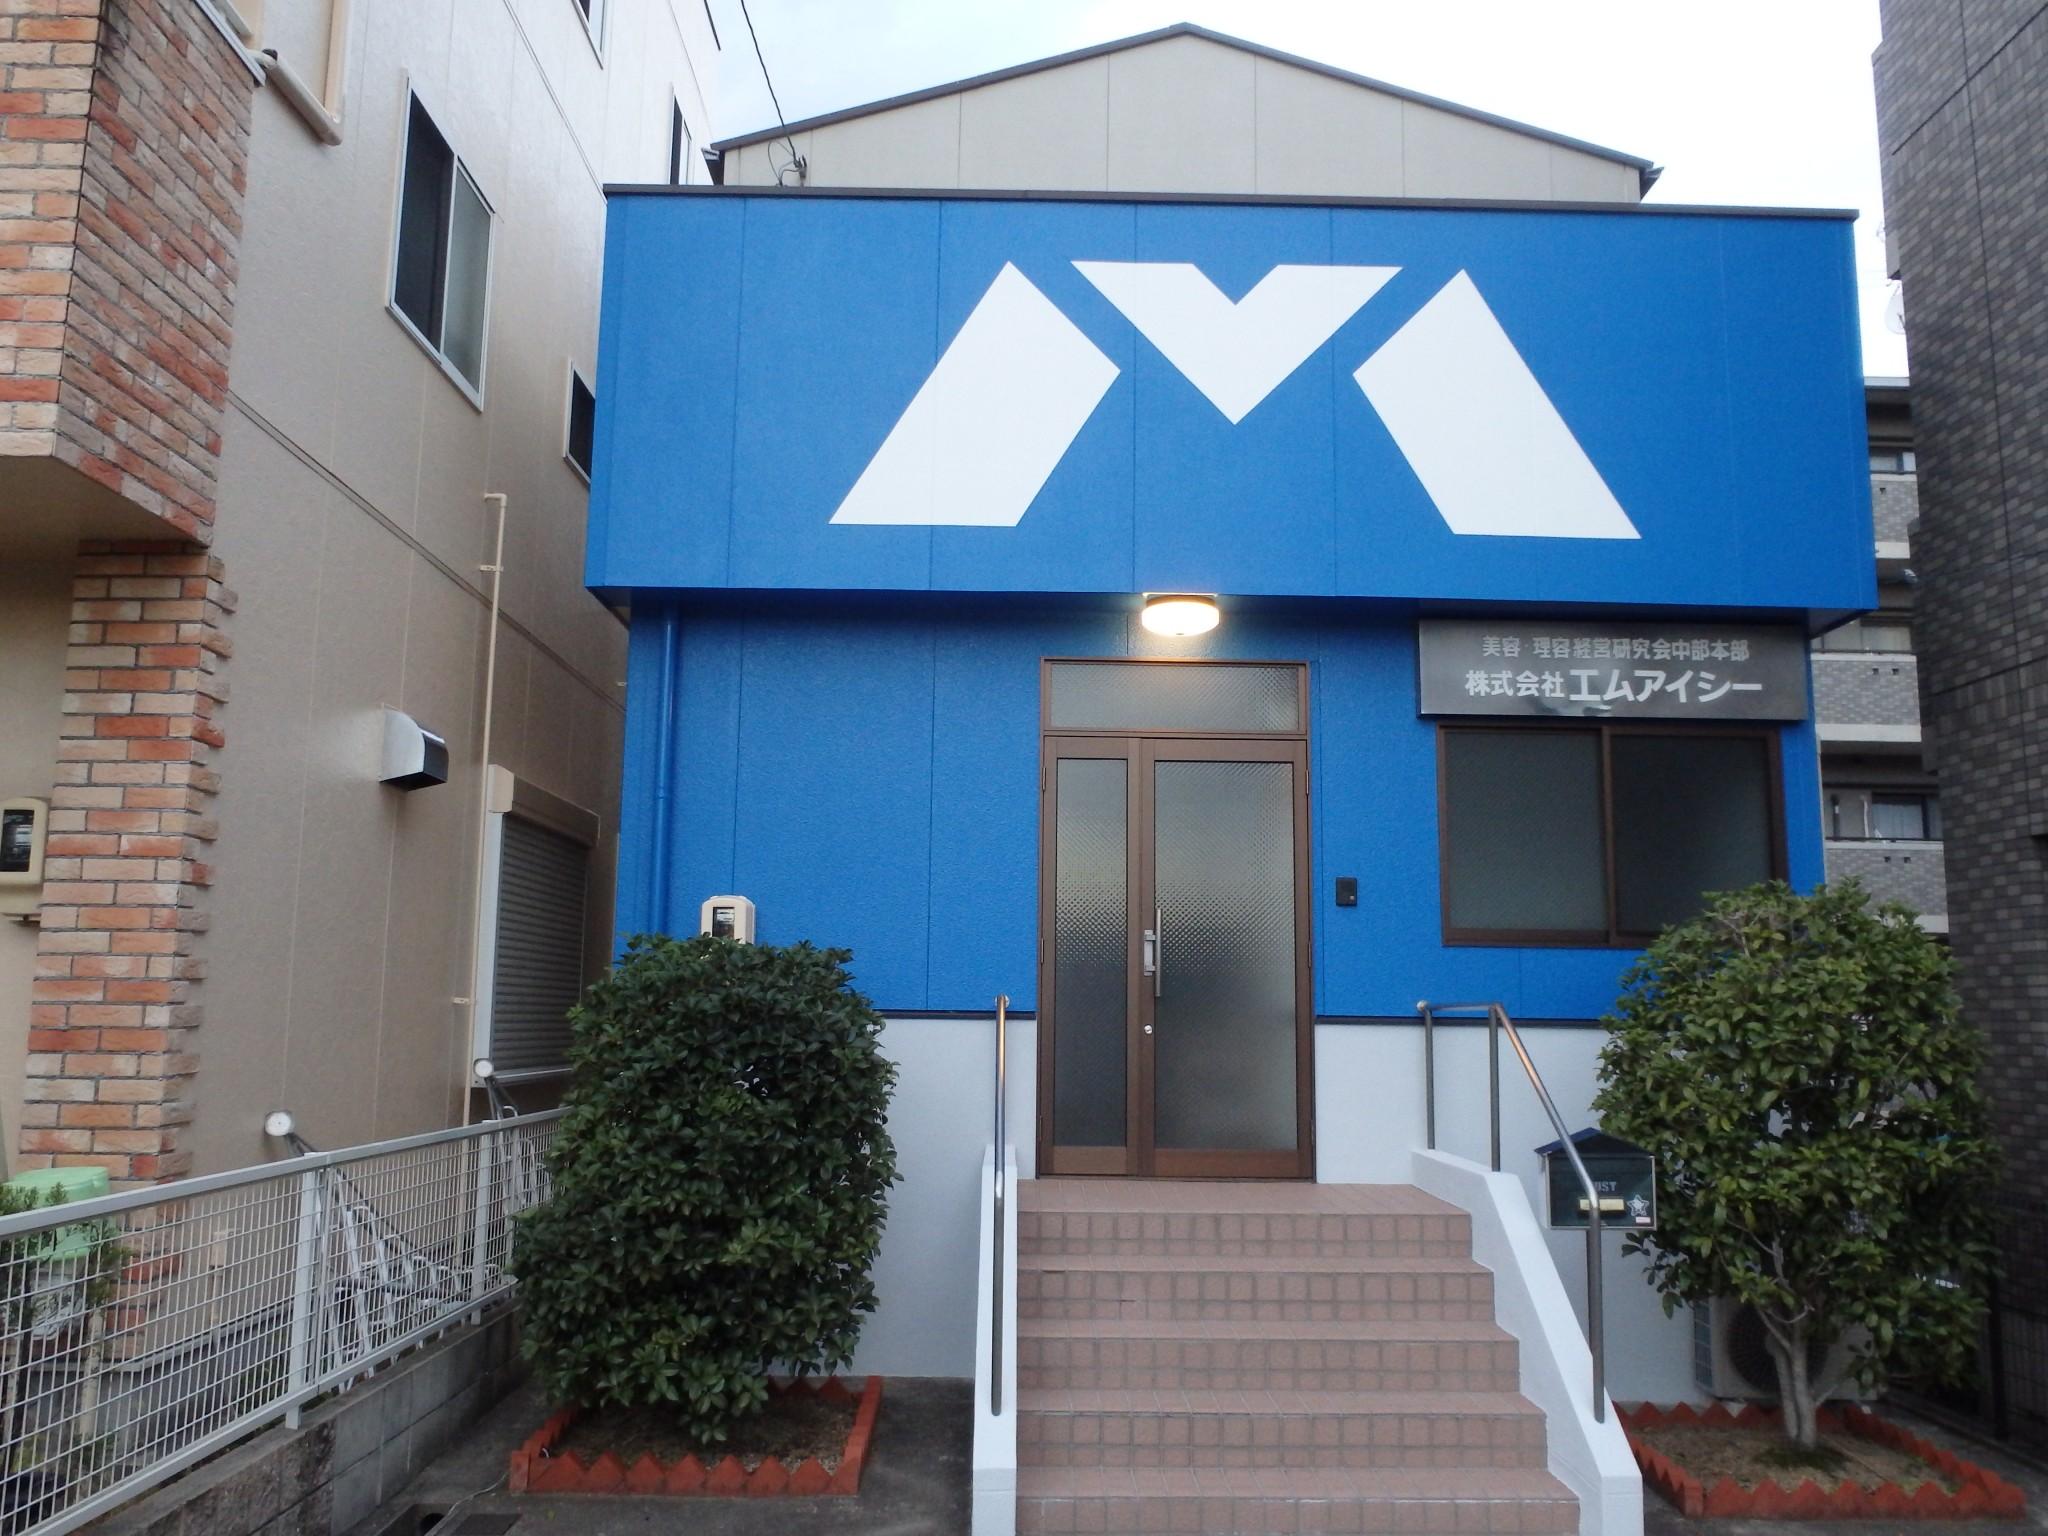 名古屋市 E社様事務所 外壁塗装工事